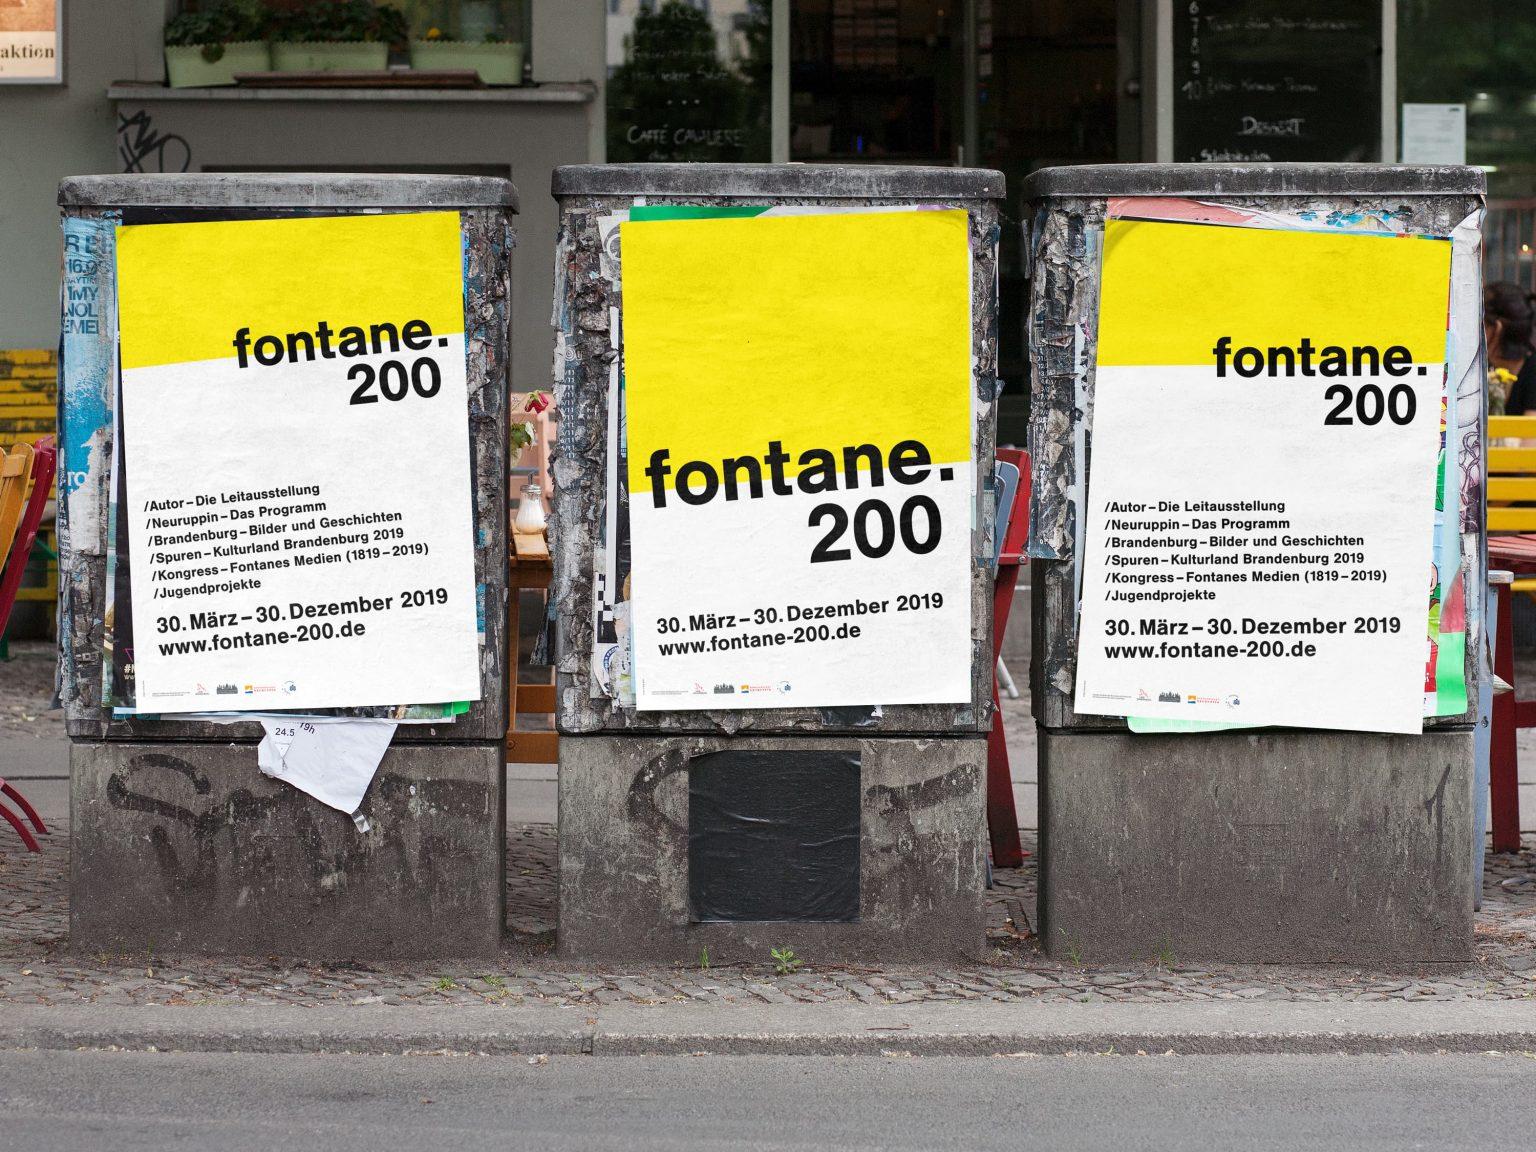 Ta Trung Fontane.200 23